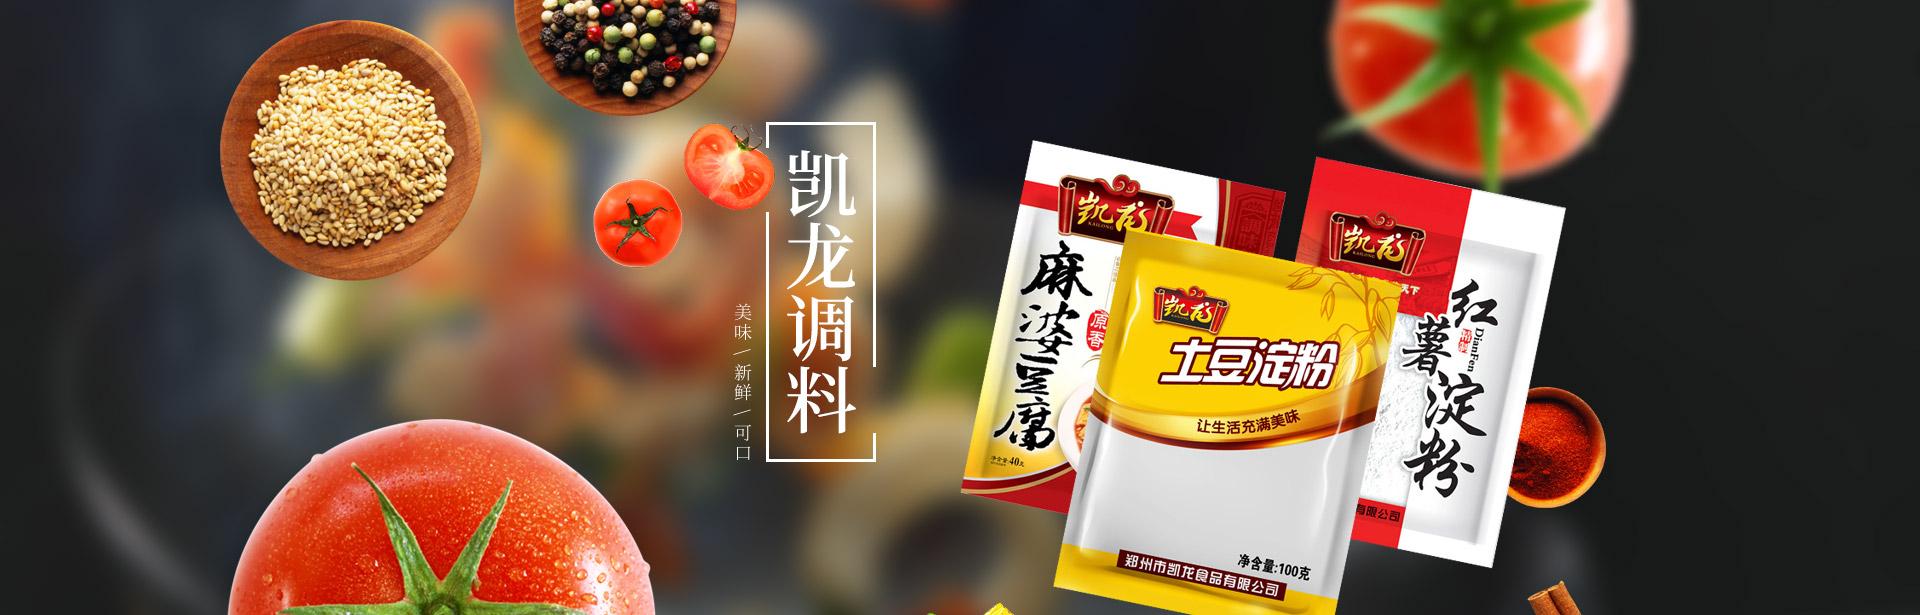 河南調味料|河南調味料廠家|河南調味料生產廠家